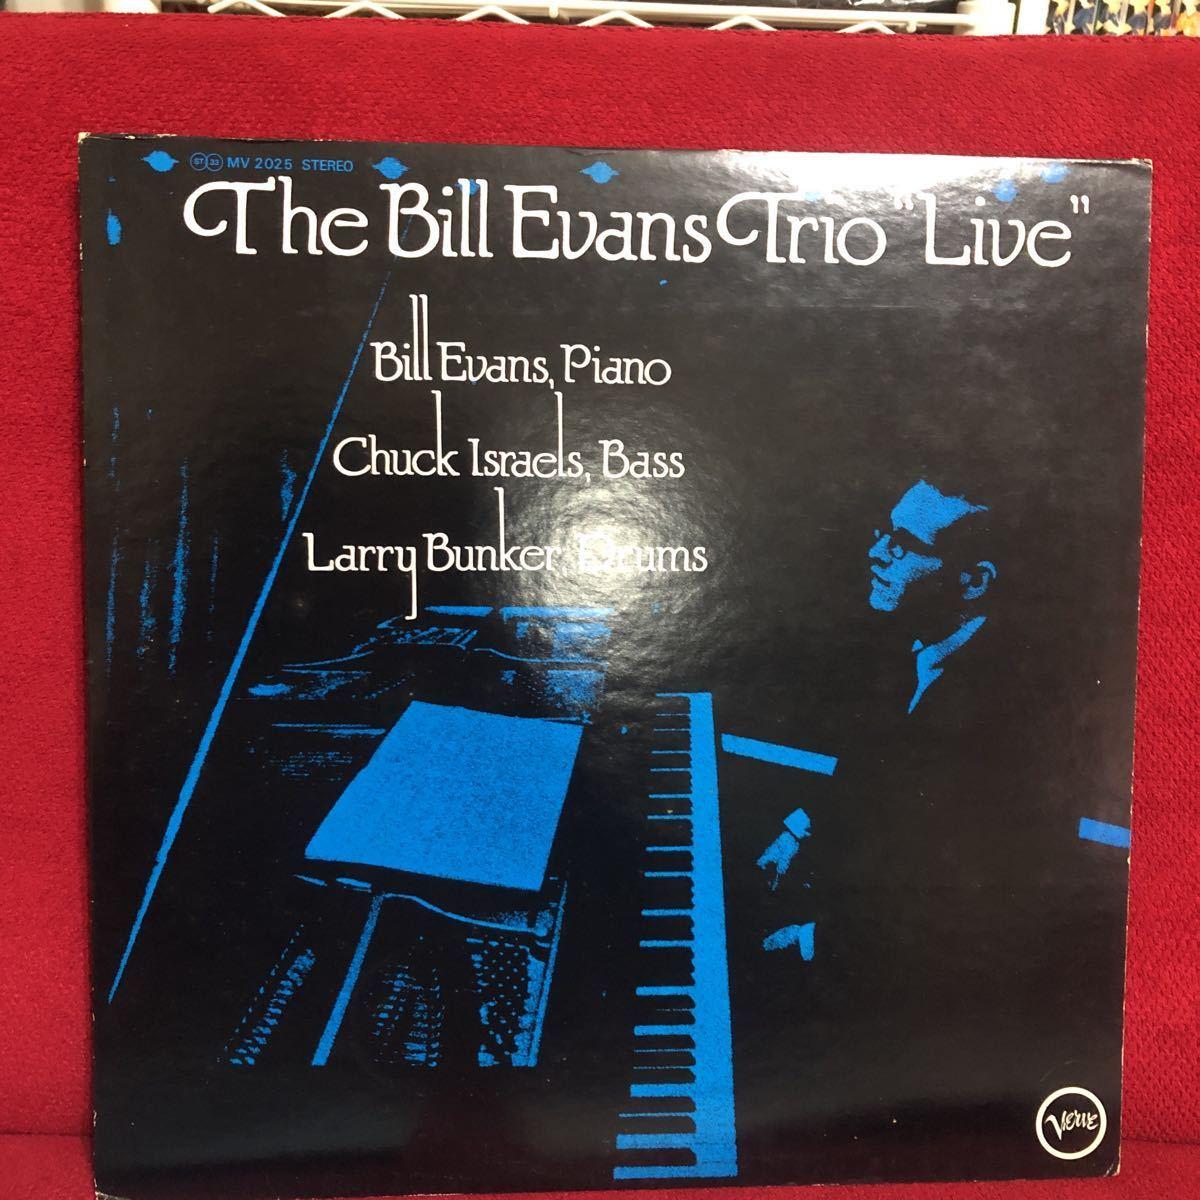 激レア盤★ LPレコード★ピアノ★bill Evans★The Bill Evans Trio - Live ★☆レコード多数出品中_画像1